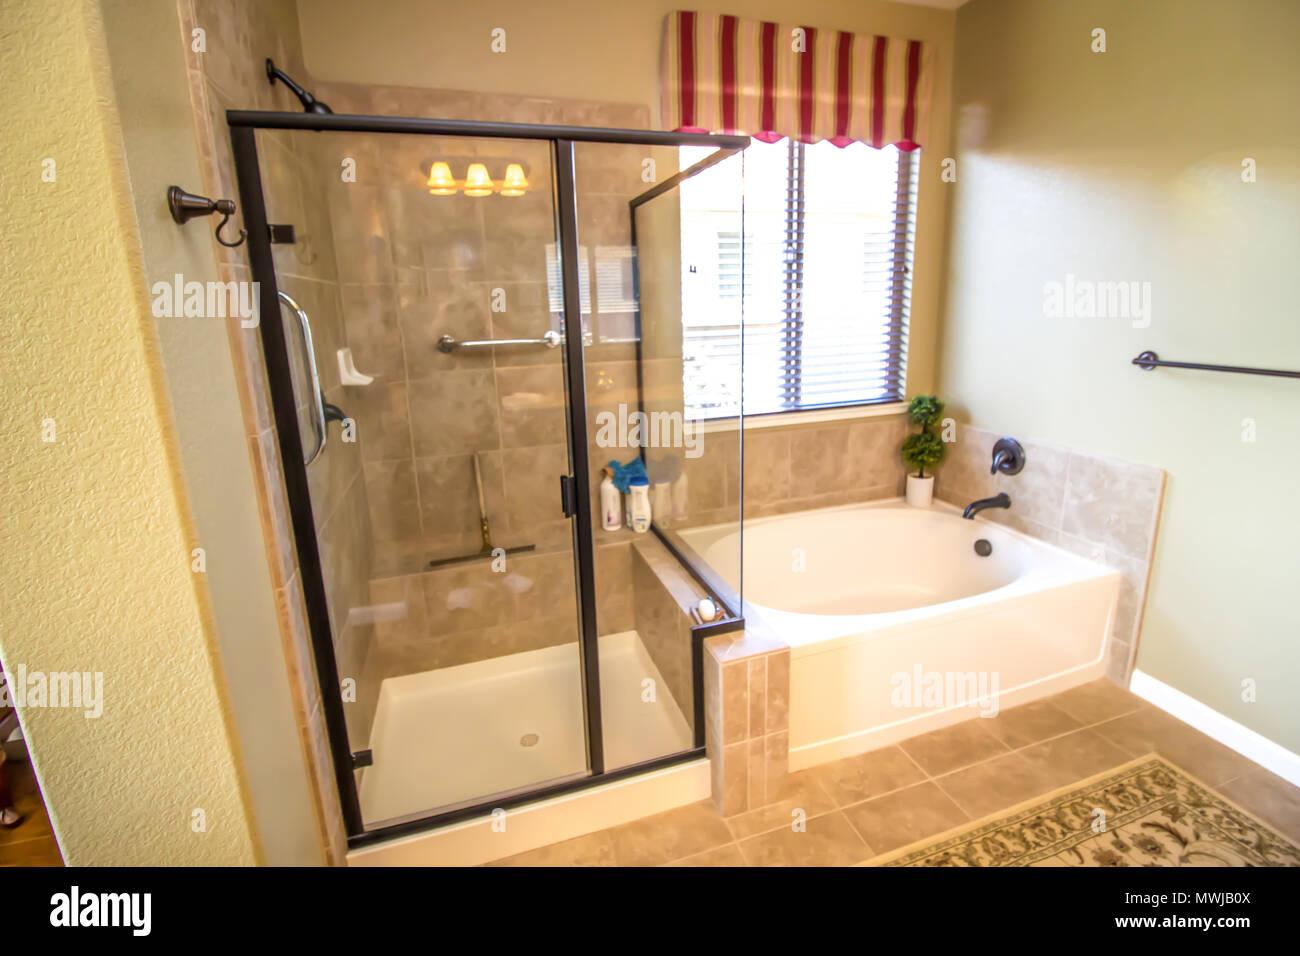 661d096a9b latest bagno moderno con doccia in vetro e vasca with bagno moderno con  vasca e doccia.